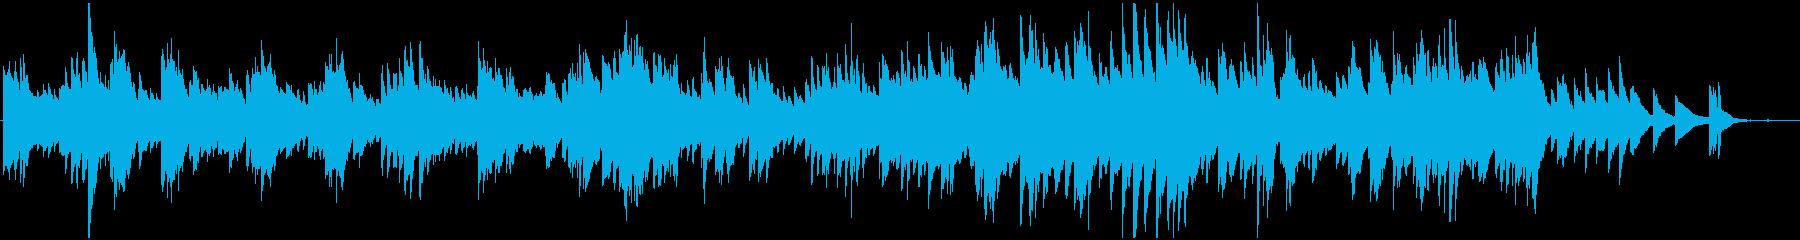 感動シーンの演出にの再生済みの波形